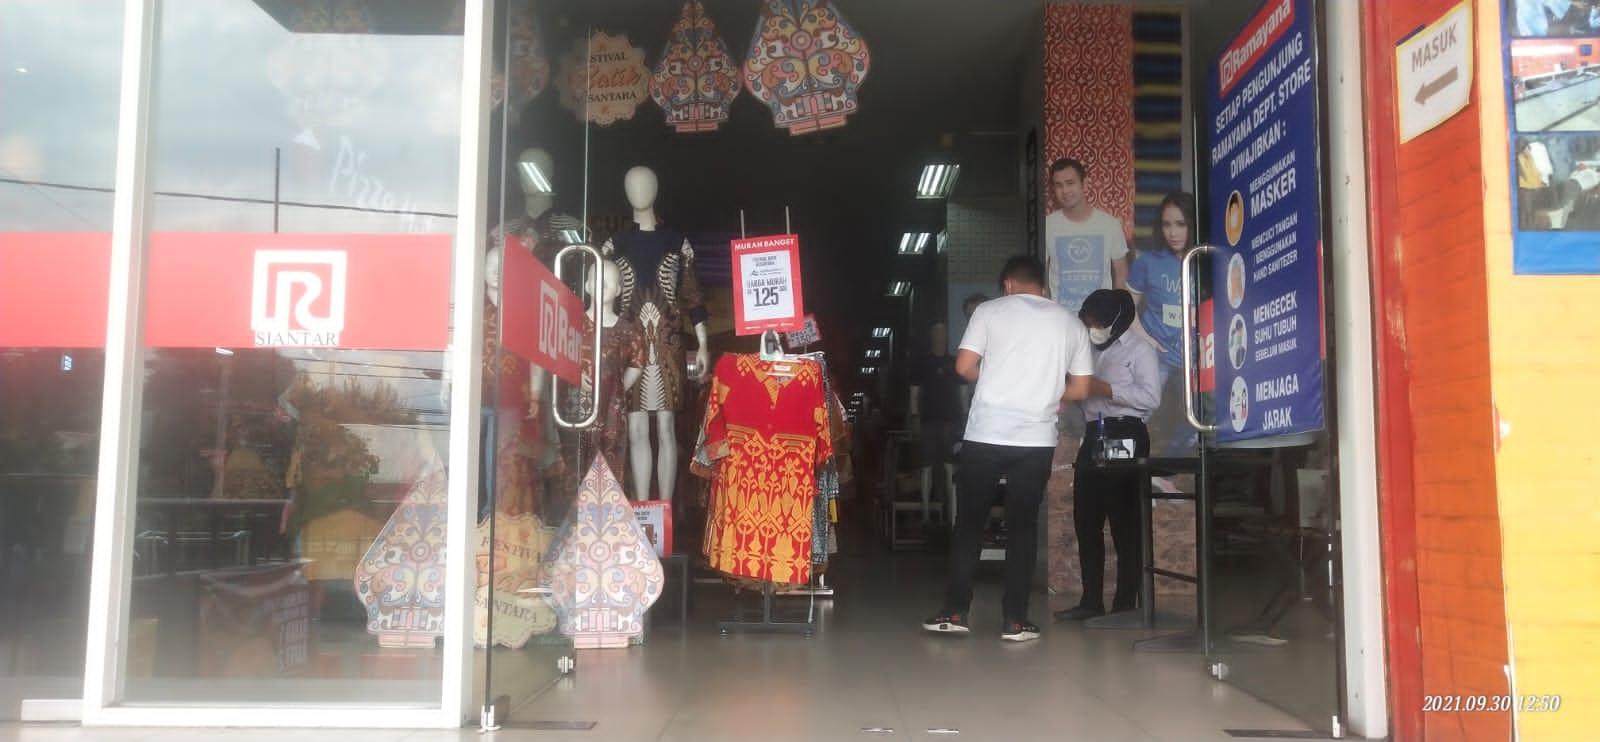 Ramayana, pusat perbelanjaan terbesar di Pematangsiantar, Jumat (1/10/2021). FOT): Matius Gea/Lingkar.co